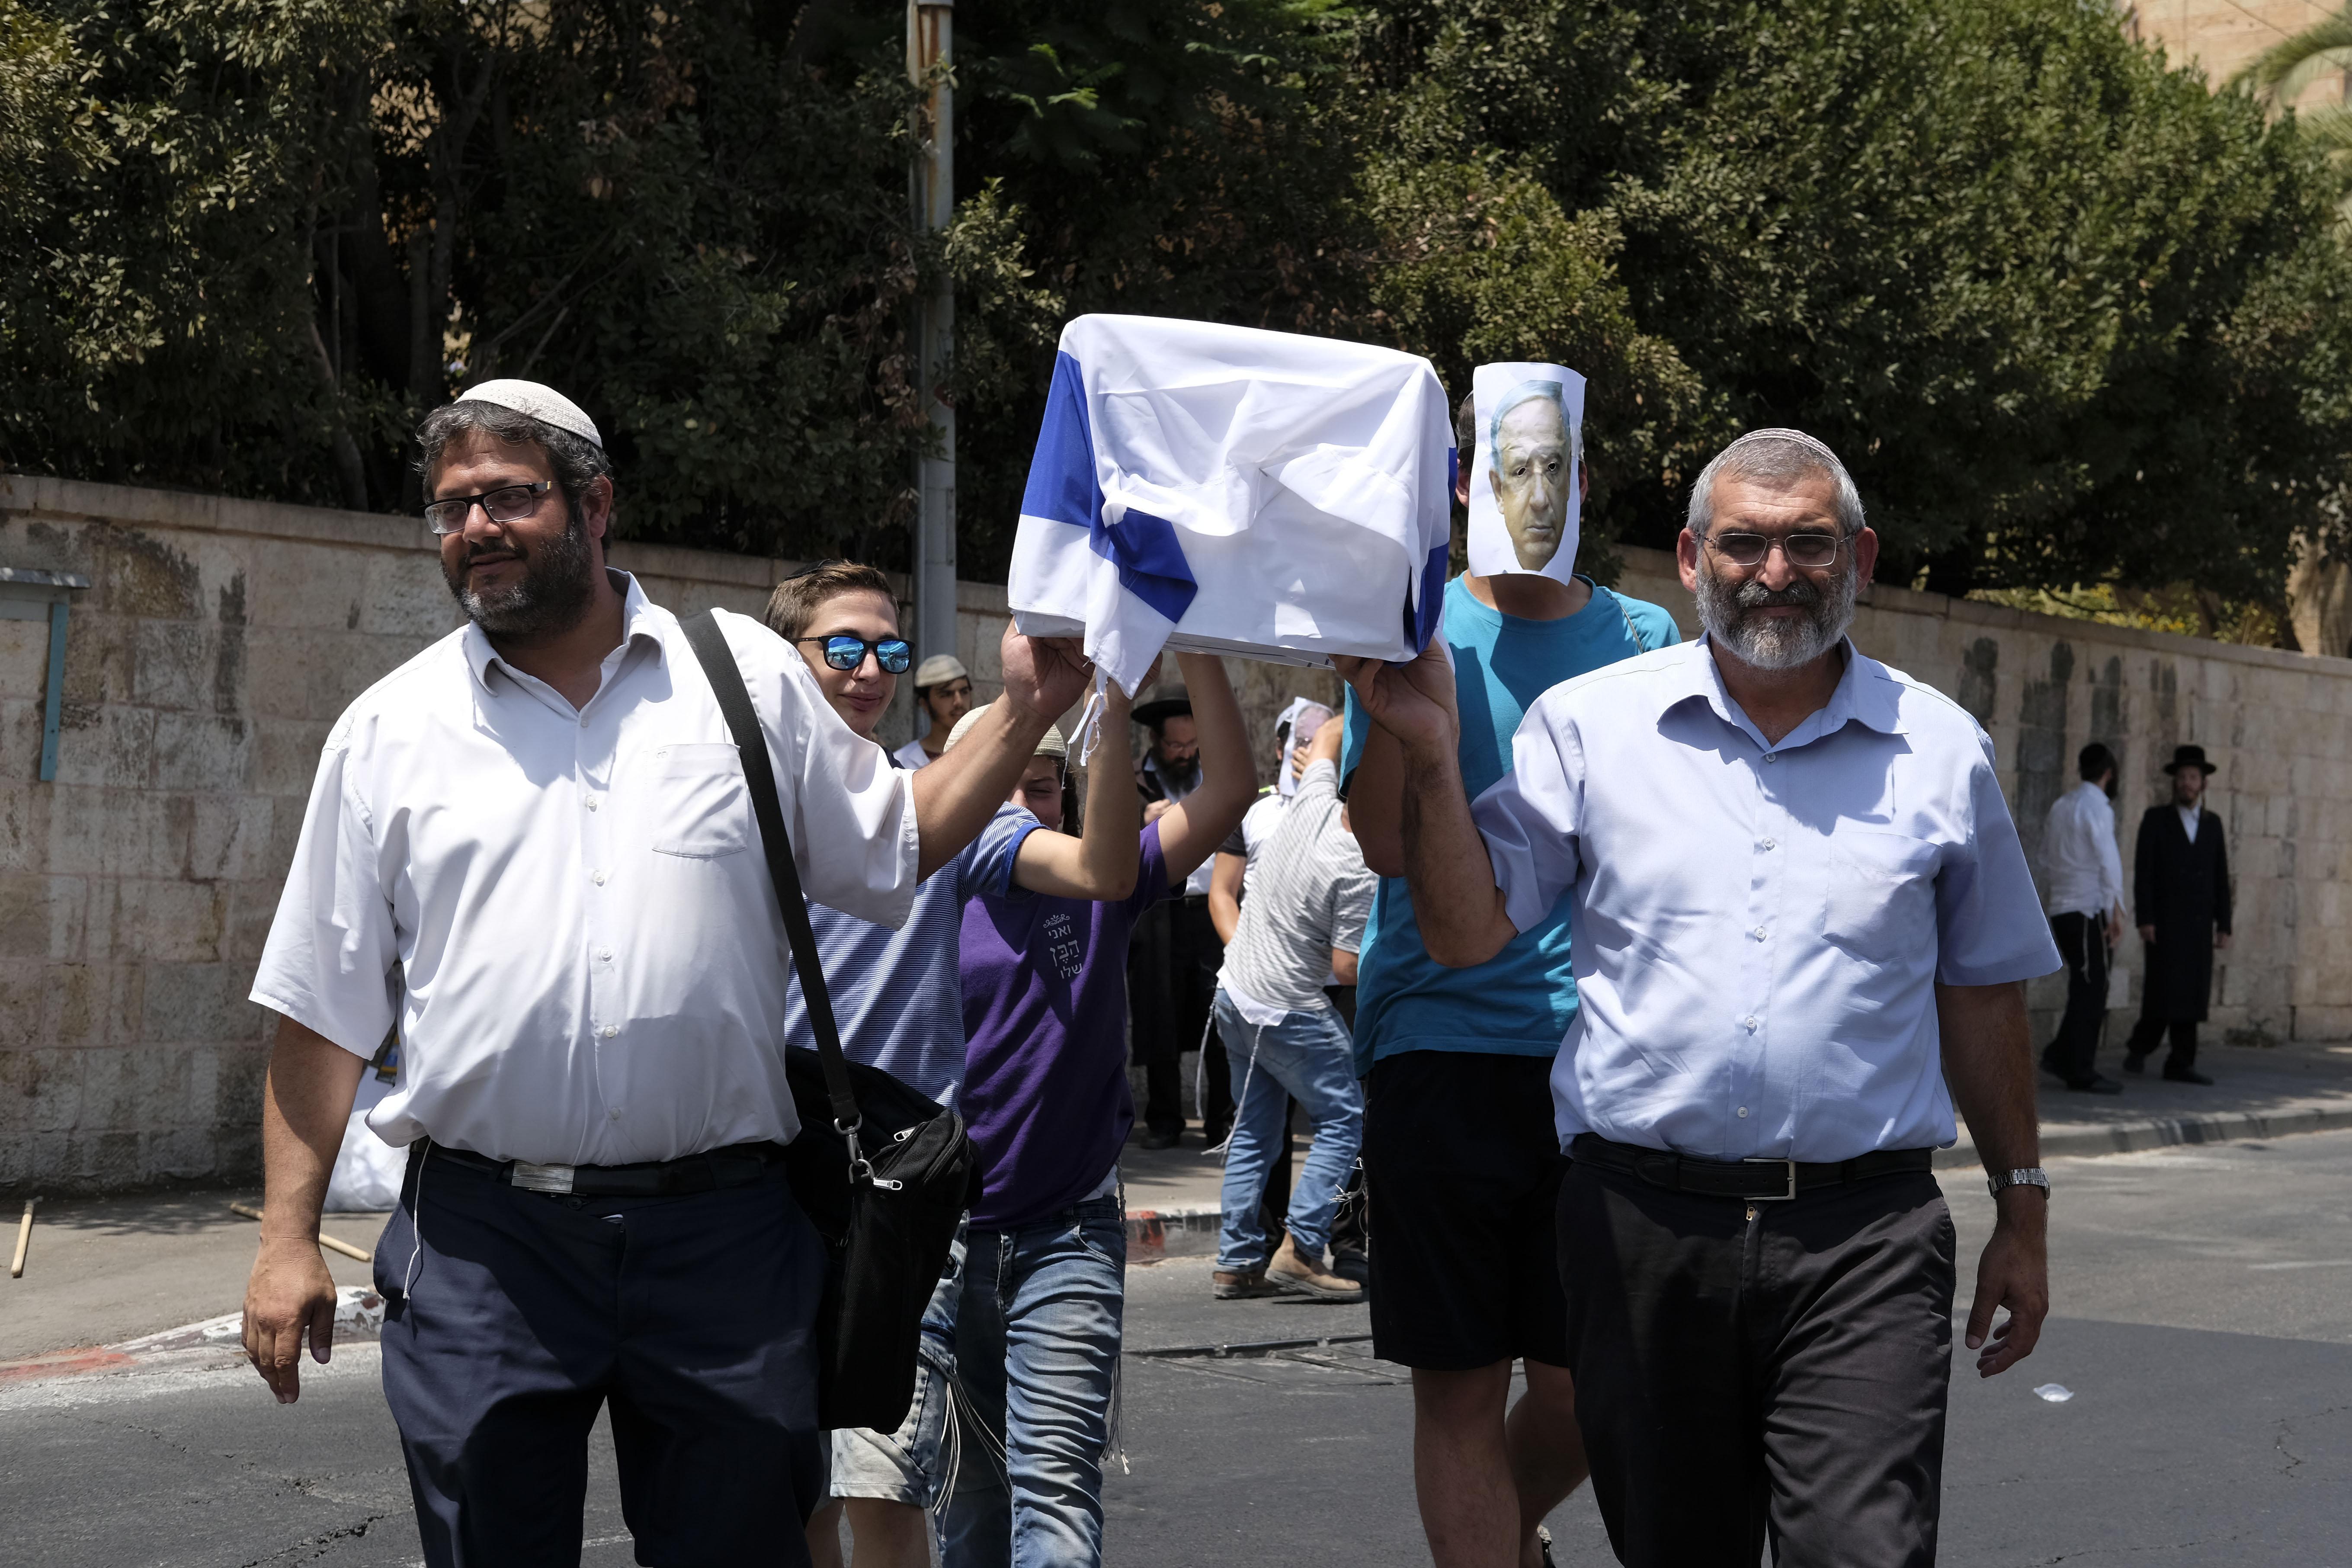 איתמר בן גביר ומיכאל בן ארי מפגינים (צילום: יואב דודקביץ)